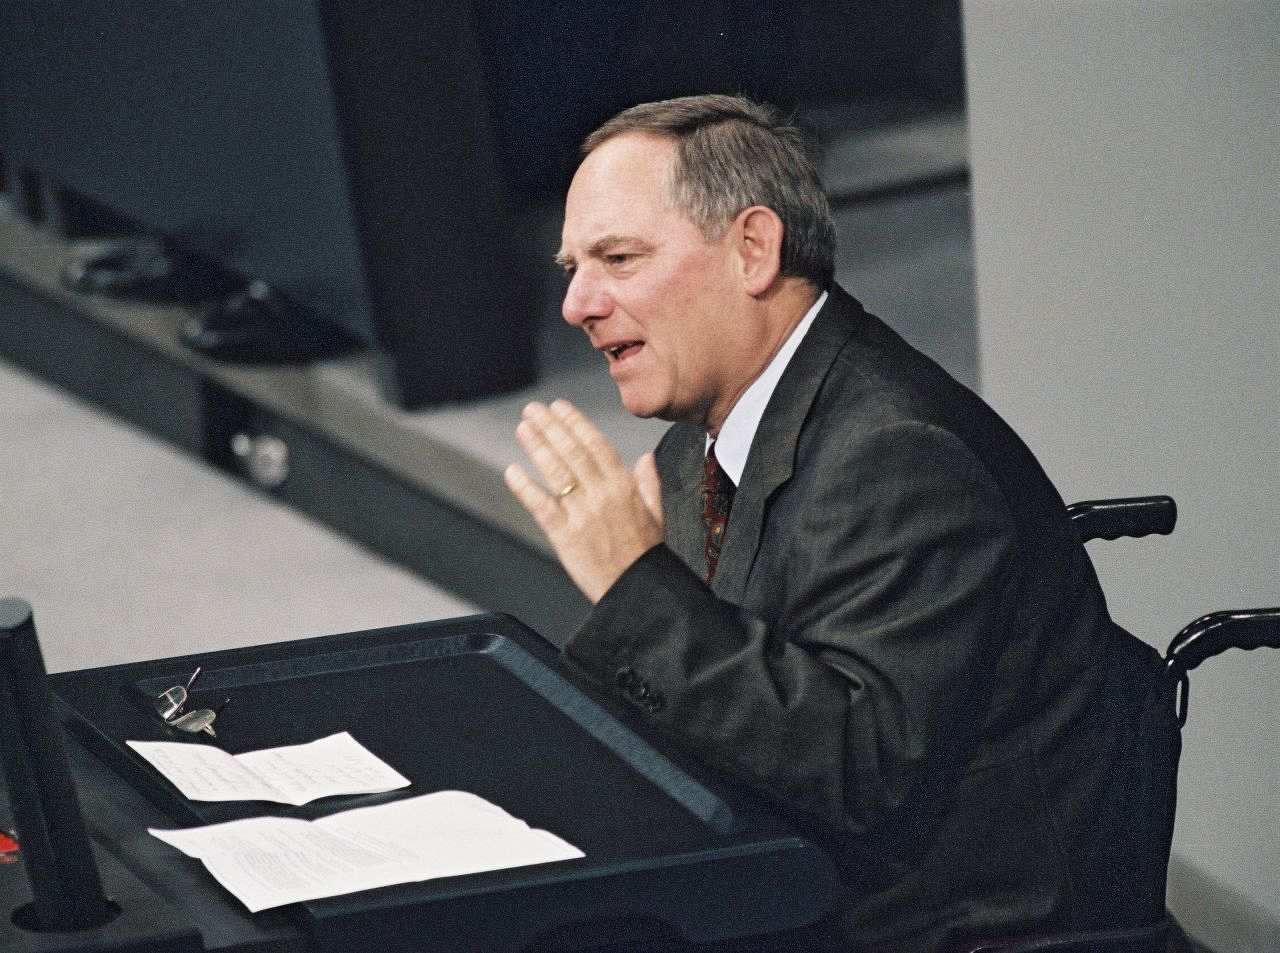 dr wolfgang schuble vorsitzender der cdu am rednerpult anlsslich einer aussprache zur cdu - Wolfgang Schauble Lebenslauf